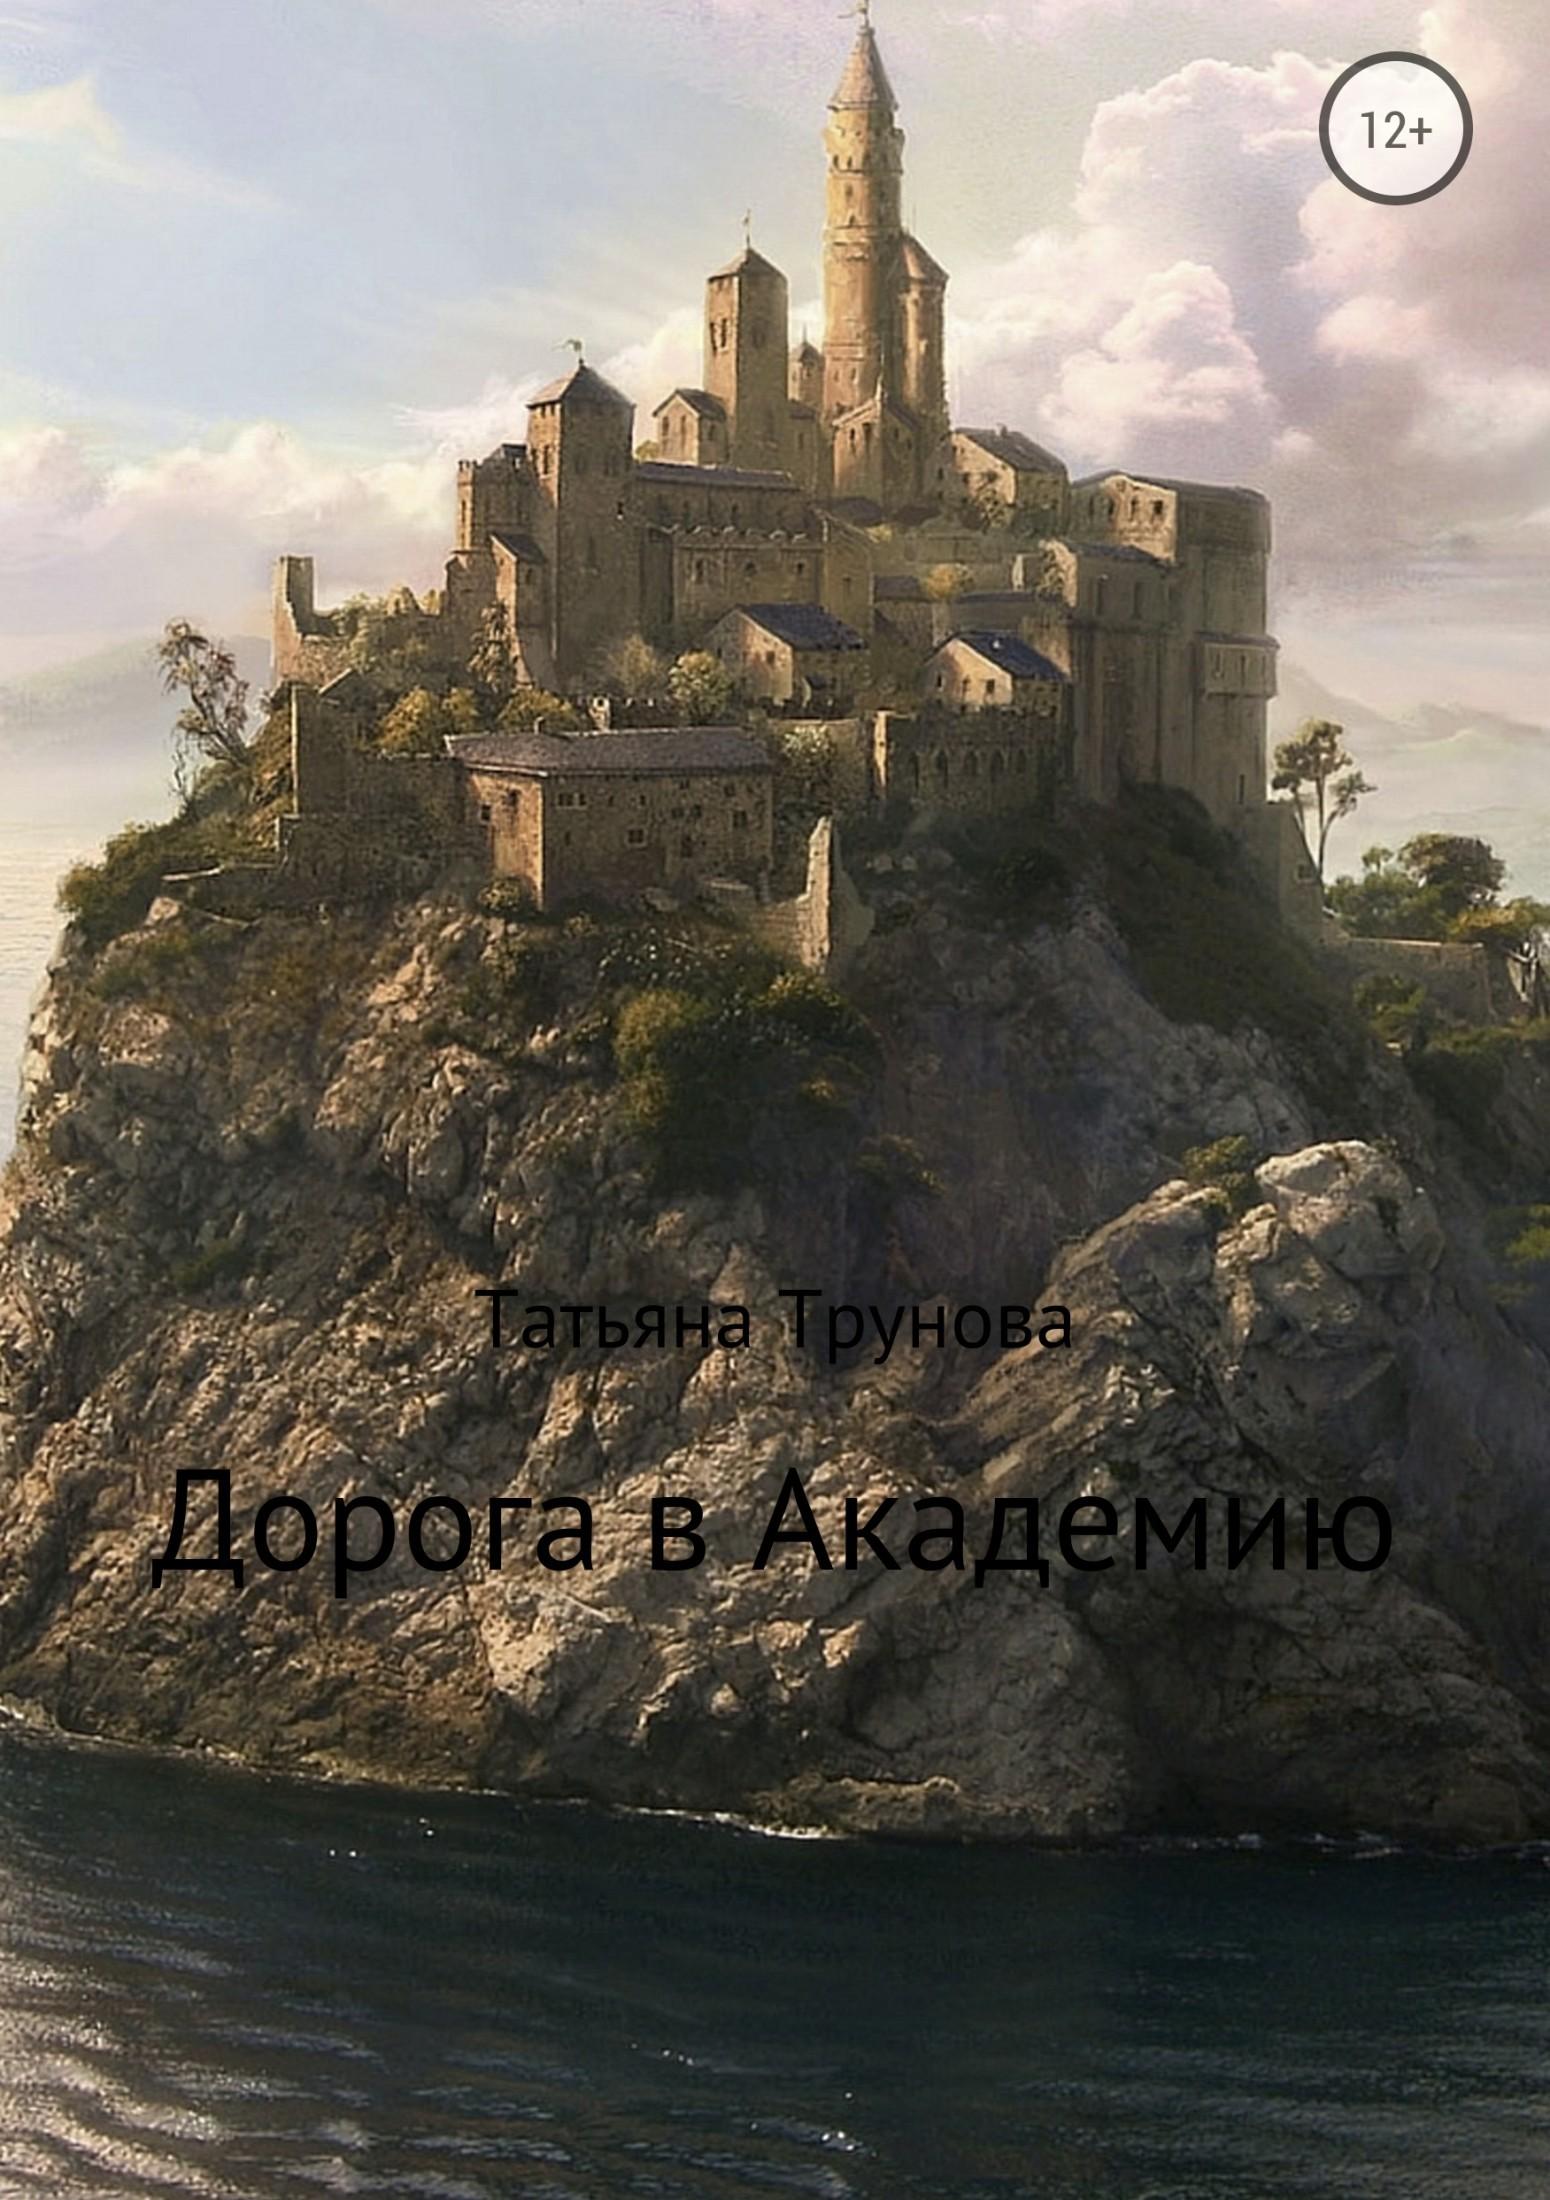 Татьяна Трунова бесплатно